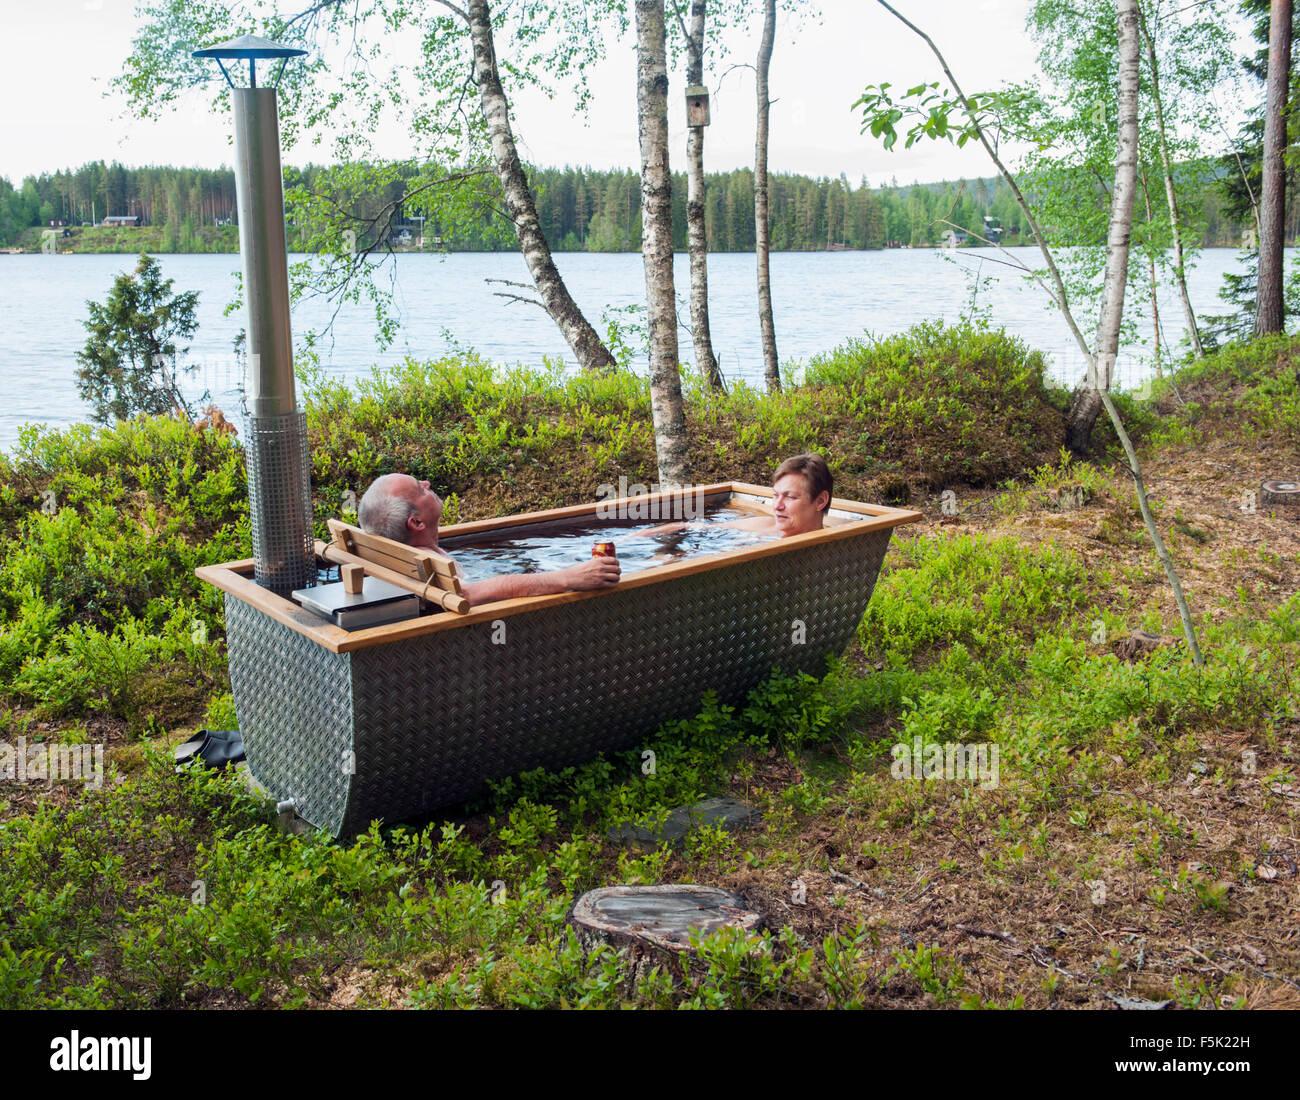 Outdoor badewanne stockfoto bild 89543849 alamy - Badewanne outdoor garten ...